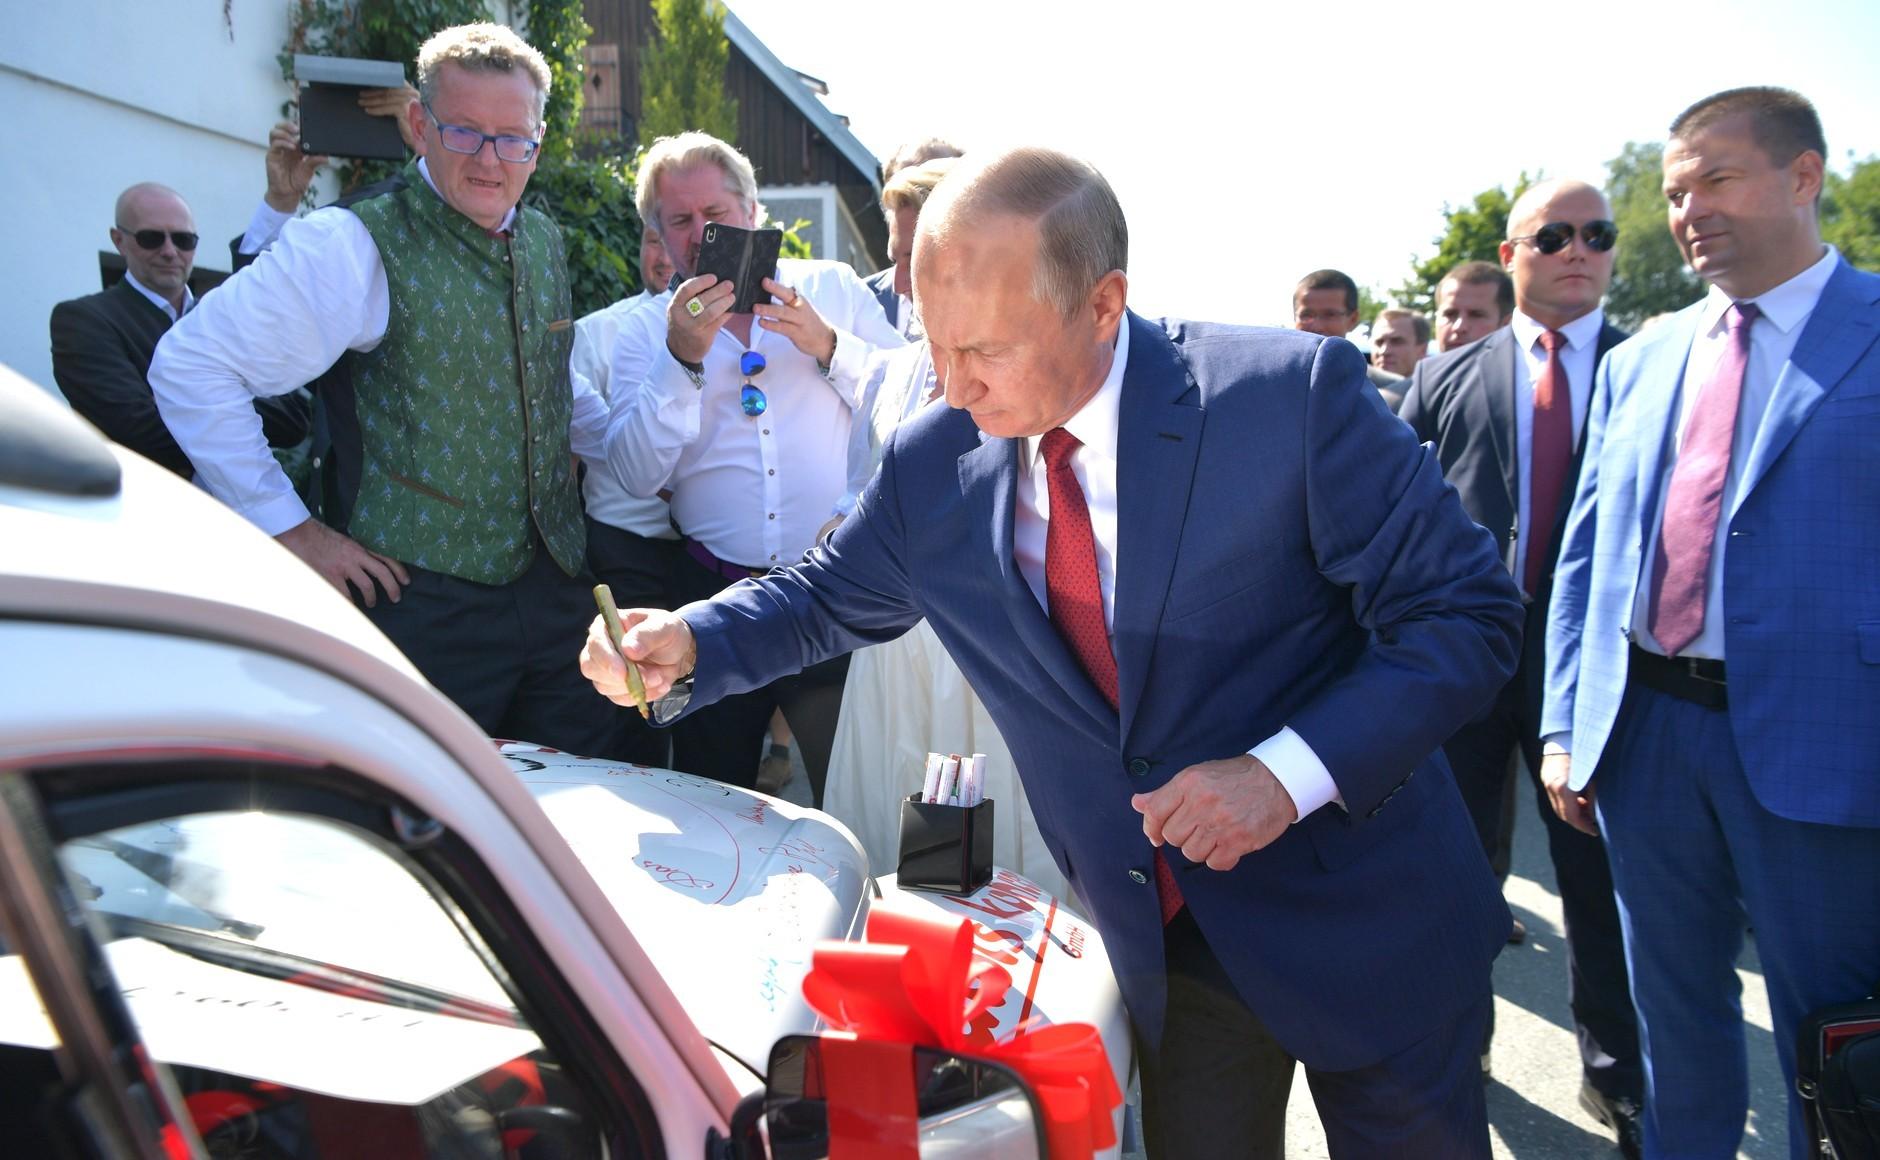 Volkswagen Beetle с автографом Путина продали на благотворительном аукционе в Австрии (Иллюстрация 1 из 1) (Фото: kremlin.ru)